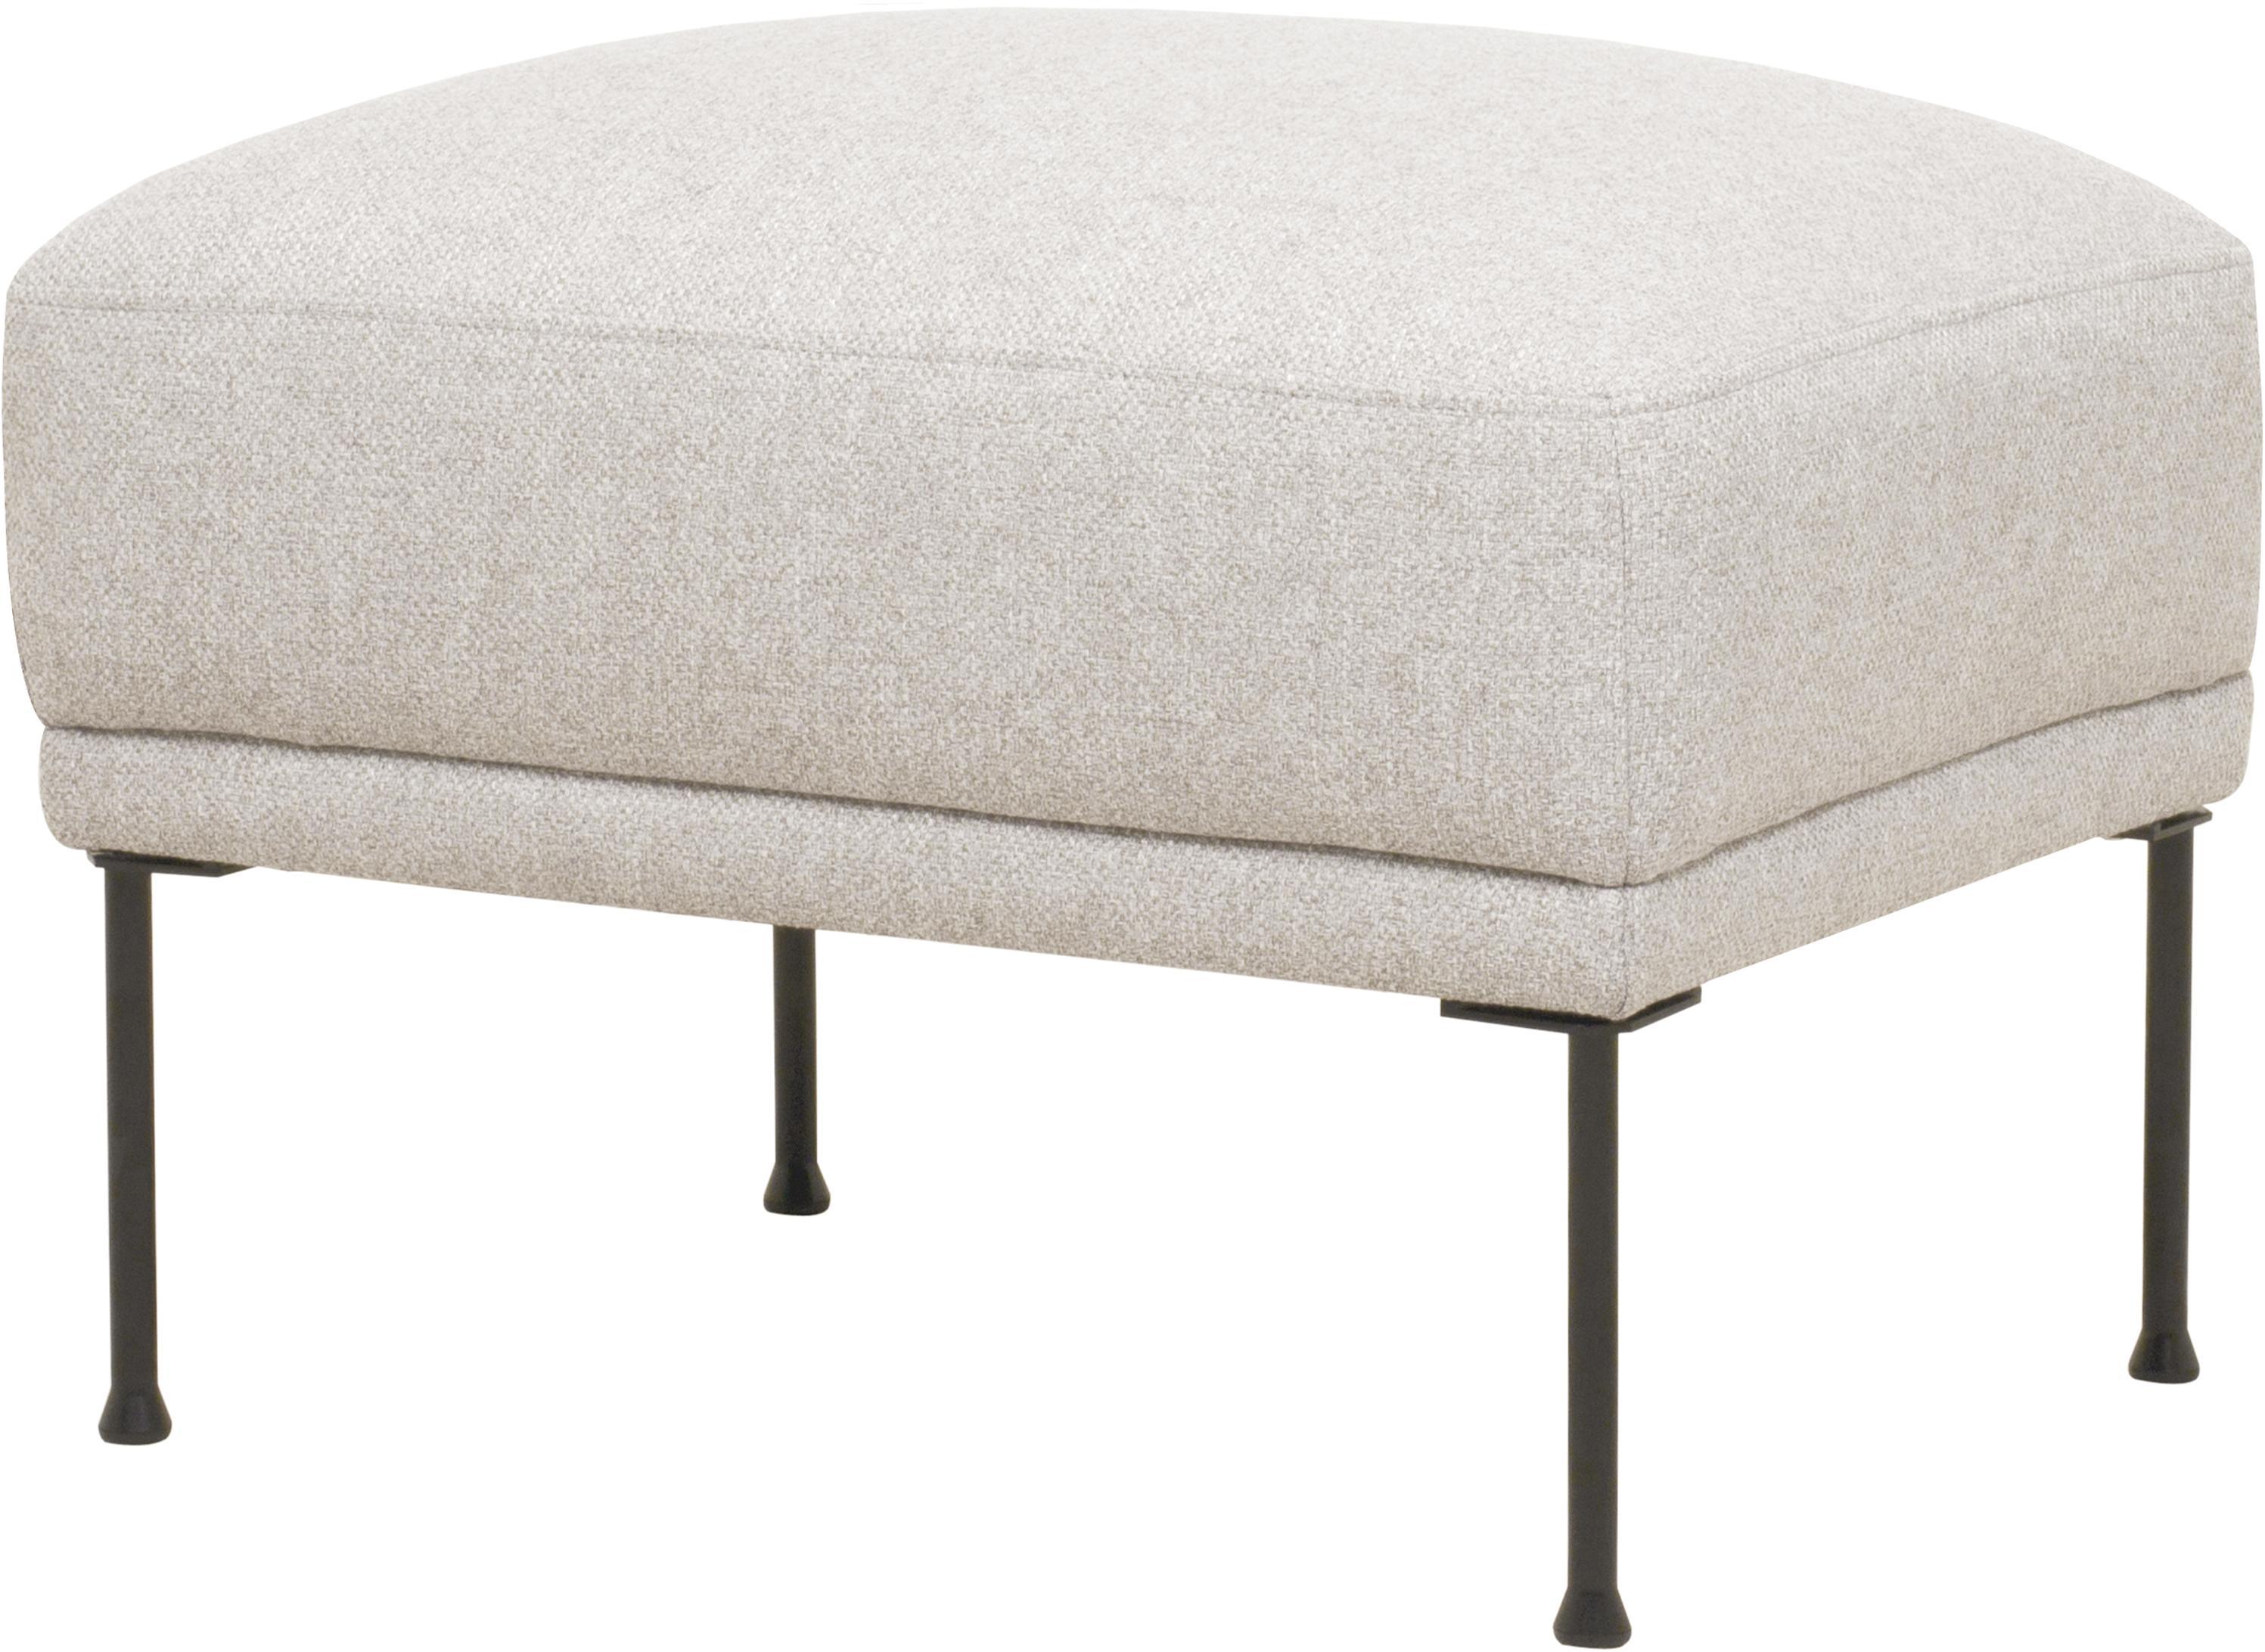 Sofa-Hocker Fluente, Bezug: 80% Polyester, 20% Ramie , Gestell: Massives Kiefernholz, Füße: Metall, pulverbeschichtet, Webstoff Beige, 62 x 46 cm